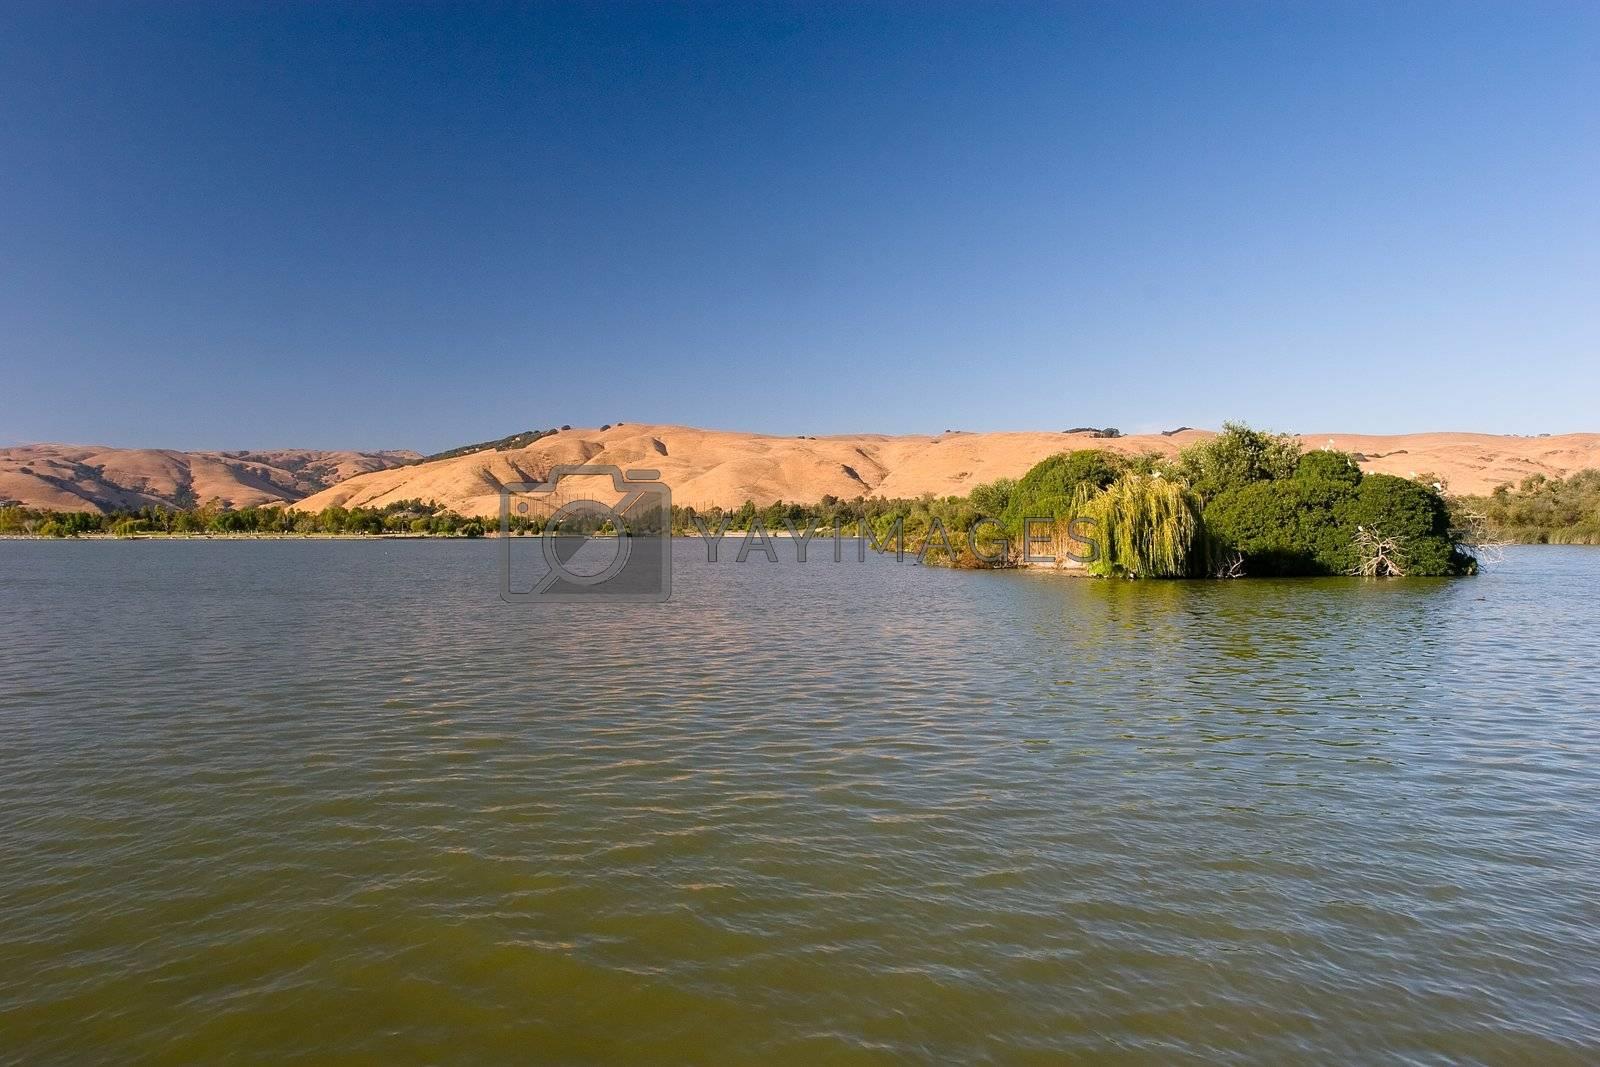 Lake Elizabeth by melastmohican